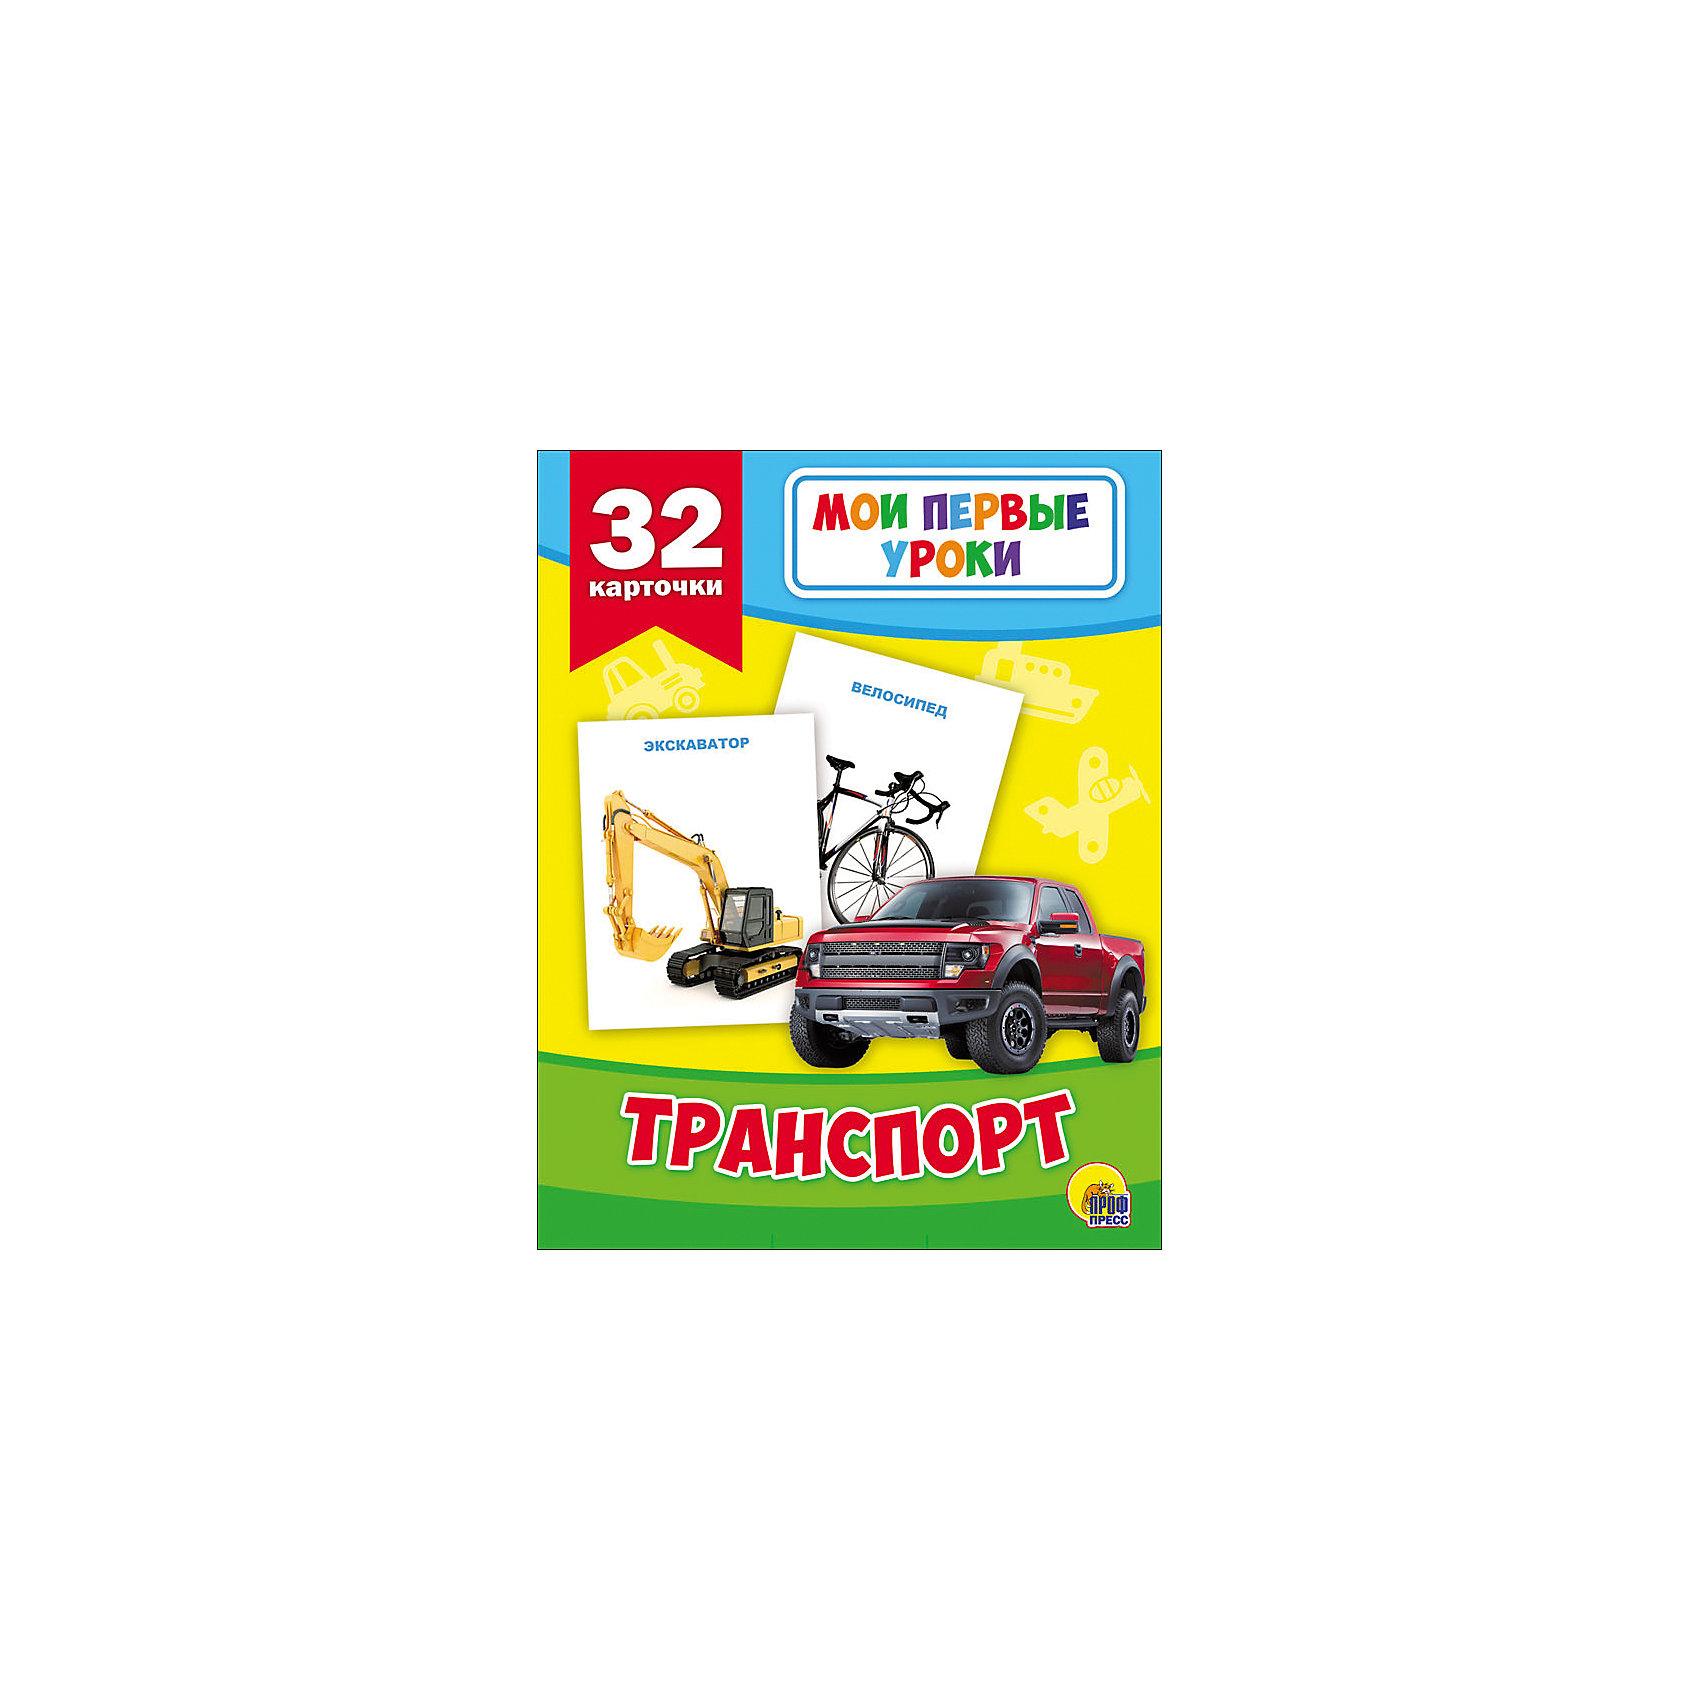 Развивающие карточки  Мои первые уроки: транспортОбучающие карточки<br>Развивающие карточки Мои первые уроки.Транспорт.<br><br>Характеристики:<br><br>• Редактор: Грищенко Виктория<br>• Издательство: Проф-Пресс, 2016 г.<br>• Серия: Мои первые уроки<br>• Иллюстрации: цветные<br>• Количество карточек: 32 (картон)<br>• Упаковка: картонный блистер с европодвесом<br>• Размер упаковки: 184х114х18 мм.<br>• Вес: 138 гр.<br>• ISBN: 9785378268795<br><br>Развивающие карточки серии Мои первые уроки познакомят ребёнка с интересными фактами о транспорте. Яркие фотографии помогут улучшить восприятие информации. Самое главное, что эти уроки будут проходить в отвлечённой игровой форме. Для детей дошкольного возраста.<br><br>Развивающие карточки Мои первые уроки.Транспорт можно купить в нашем интернет-магазине.<br><br>Ширина мм: 185<br>Глубина мм: 117<br>Высота мм: 114<br>Вес г: 0<br>Возраст от месяцев: 36<br>Возраст до месяцев: 2147483647<br>Пол: Унисекс<br>Возраст: Детский<br>SKU: 5452303